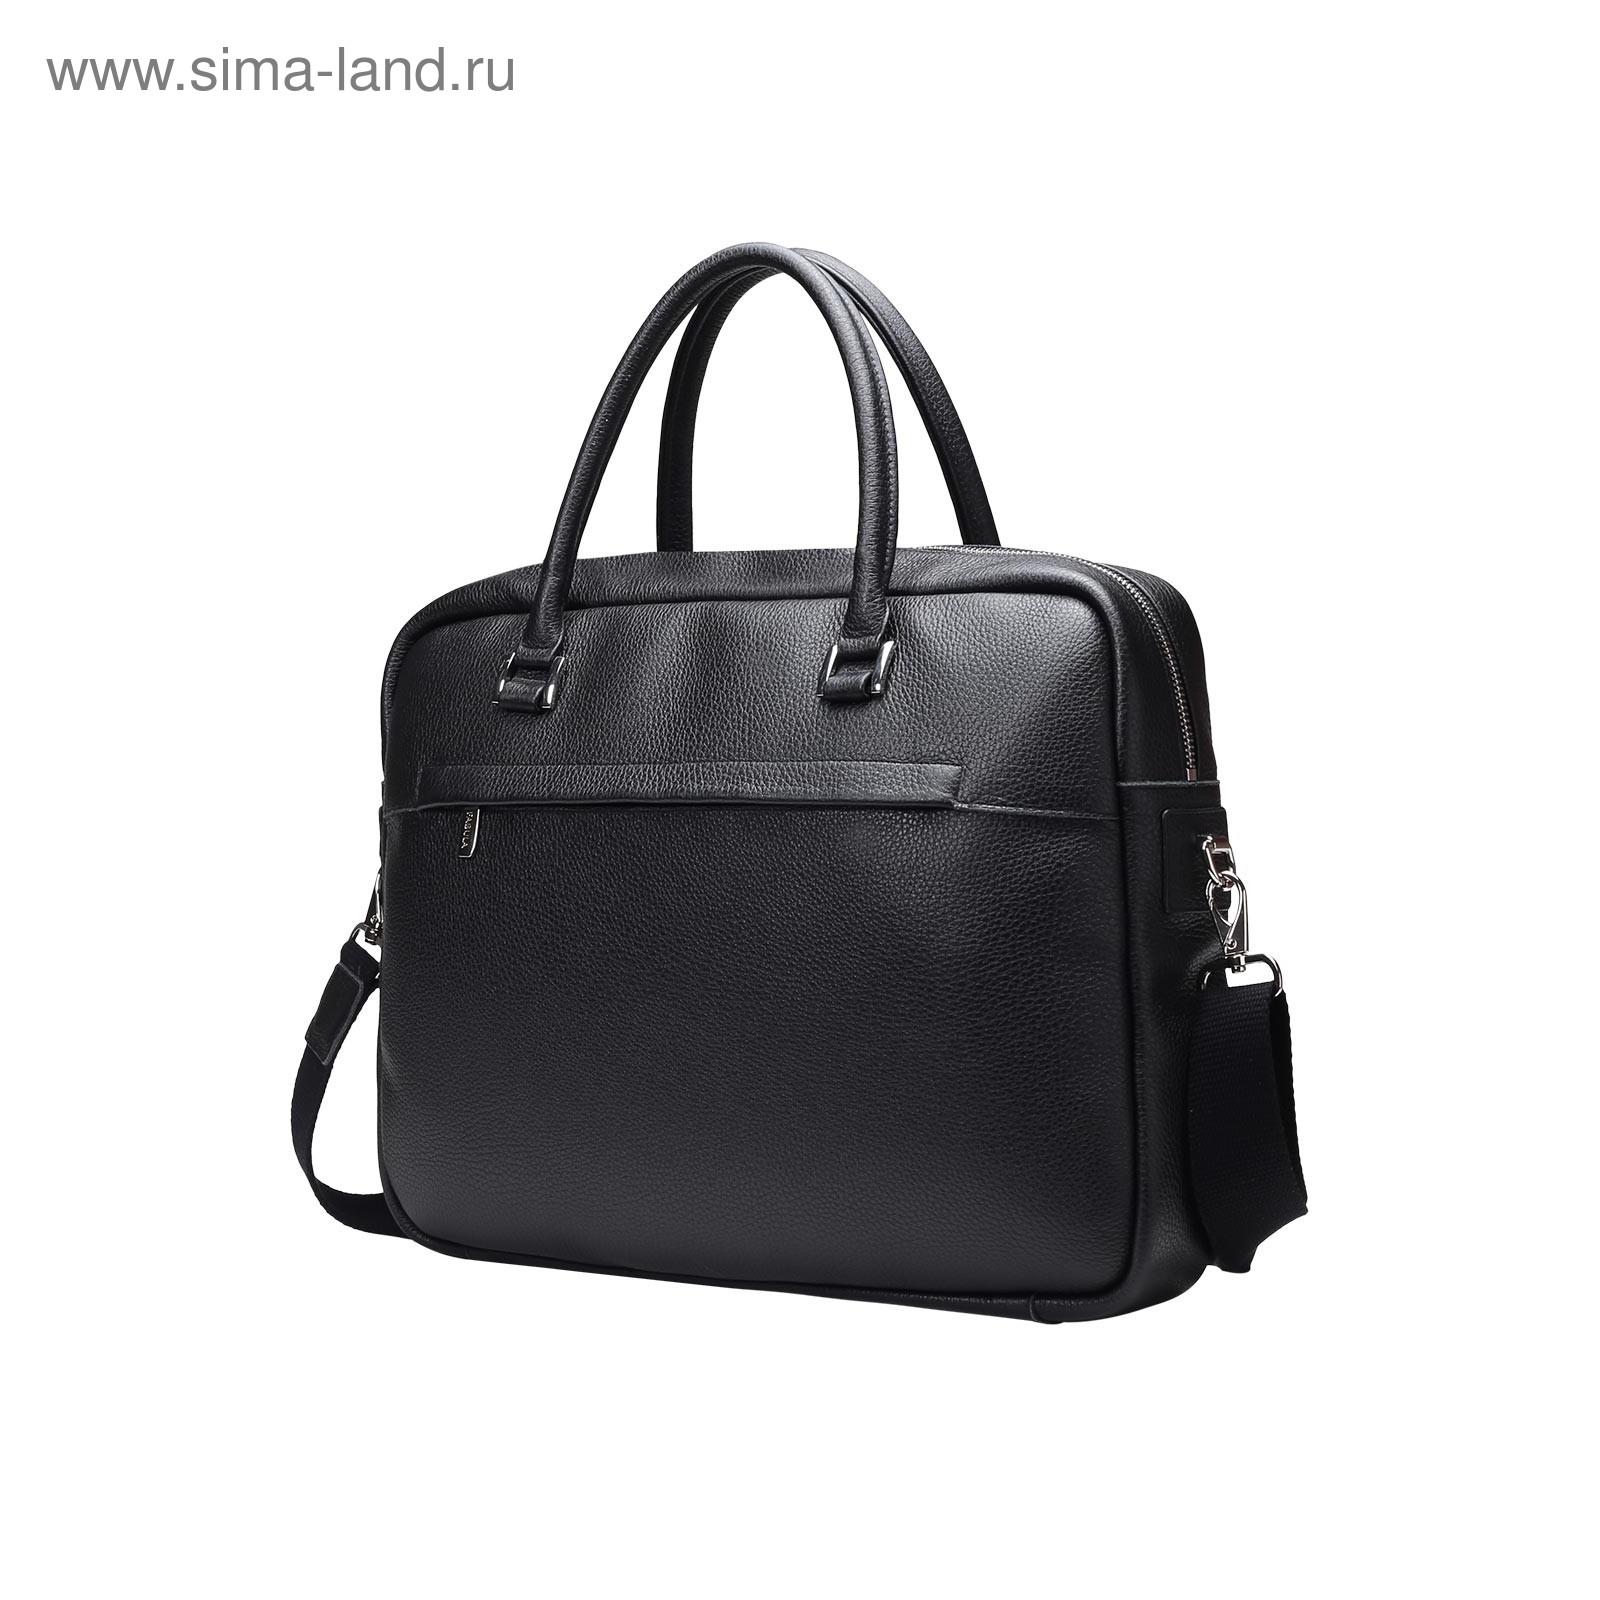 cf260af45a46 Сумка мужская Fabula S.332.BK, чёрный (4300427) - Купить по цене от ...